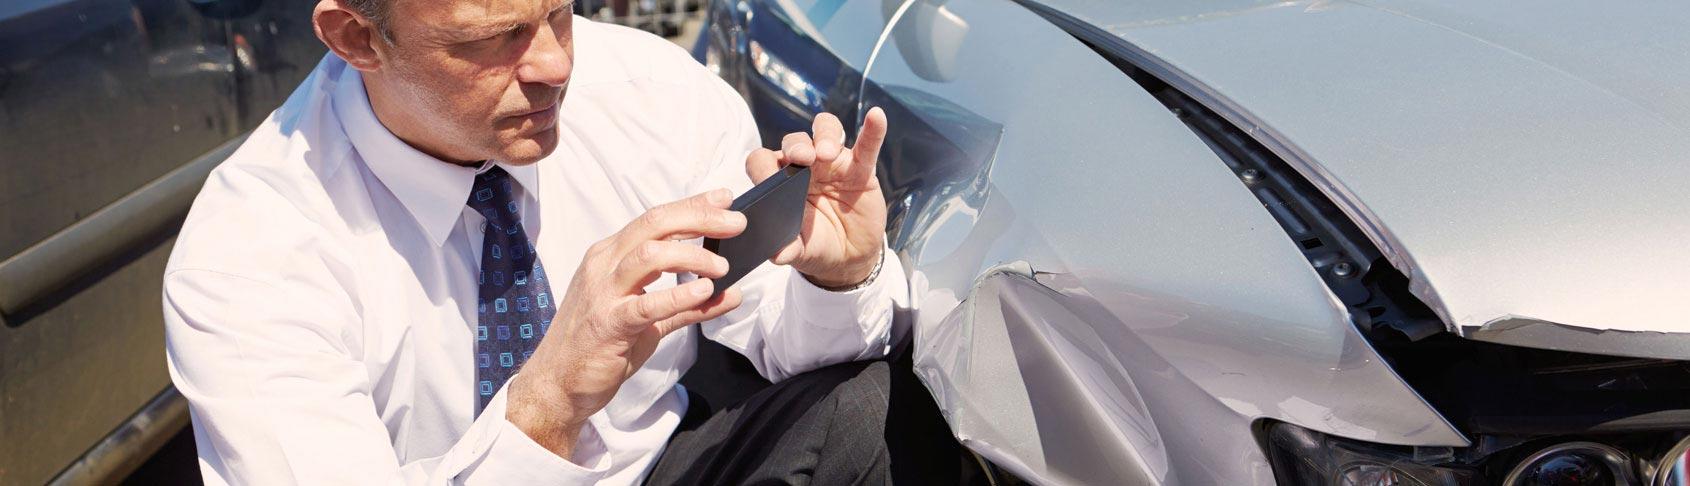 Generali Autoversicherung Berechnen : kollisionsschaden leistungs center generali ~ Themetempest.com Abrechnung